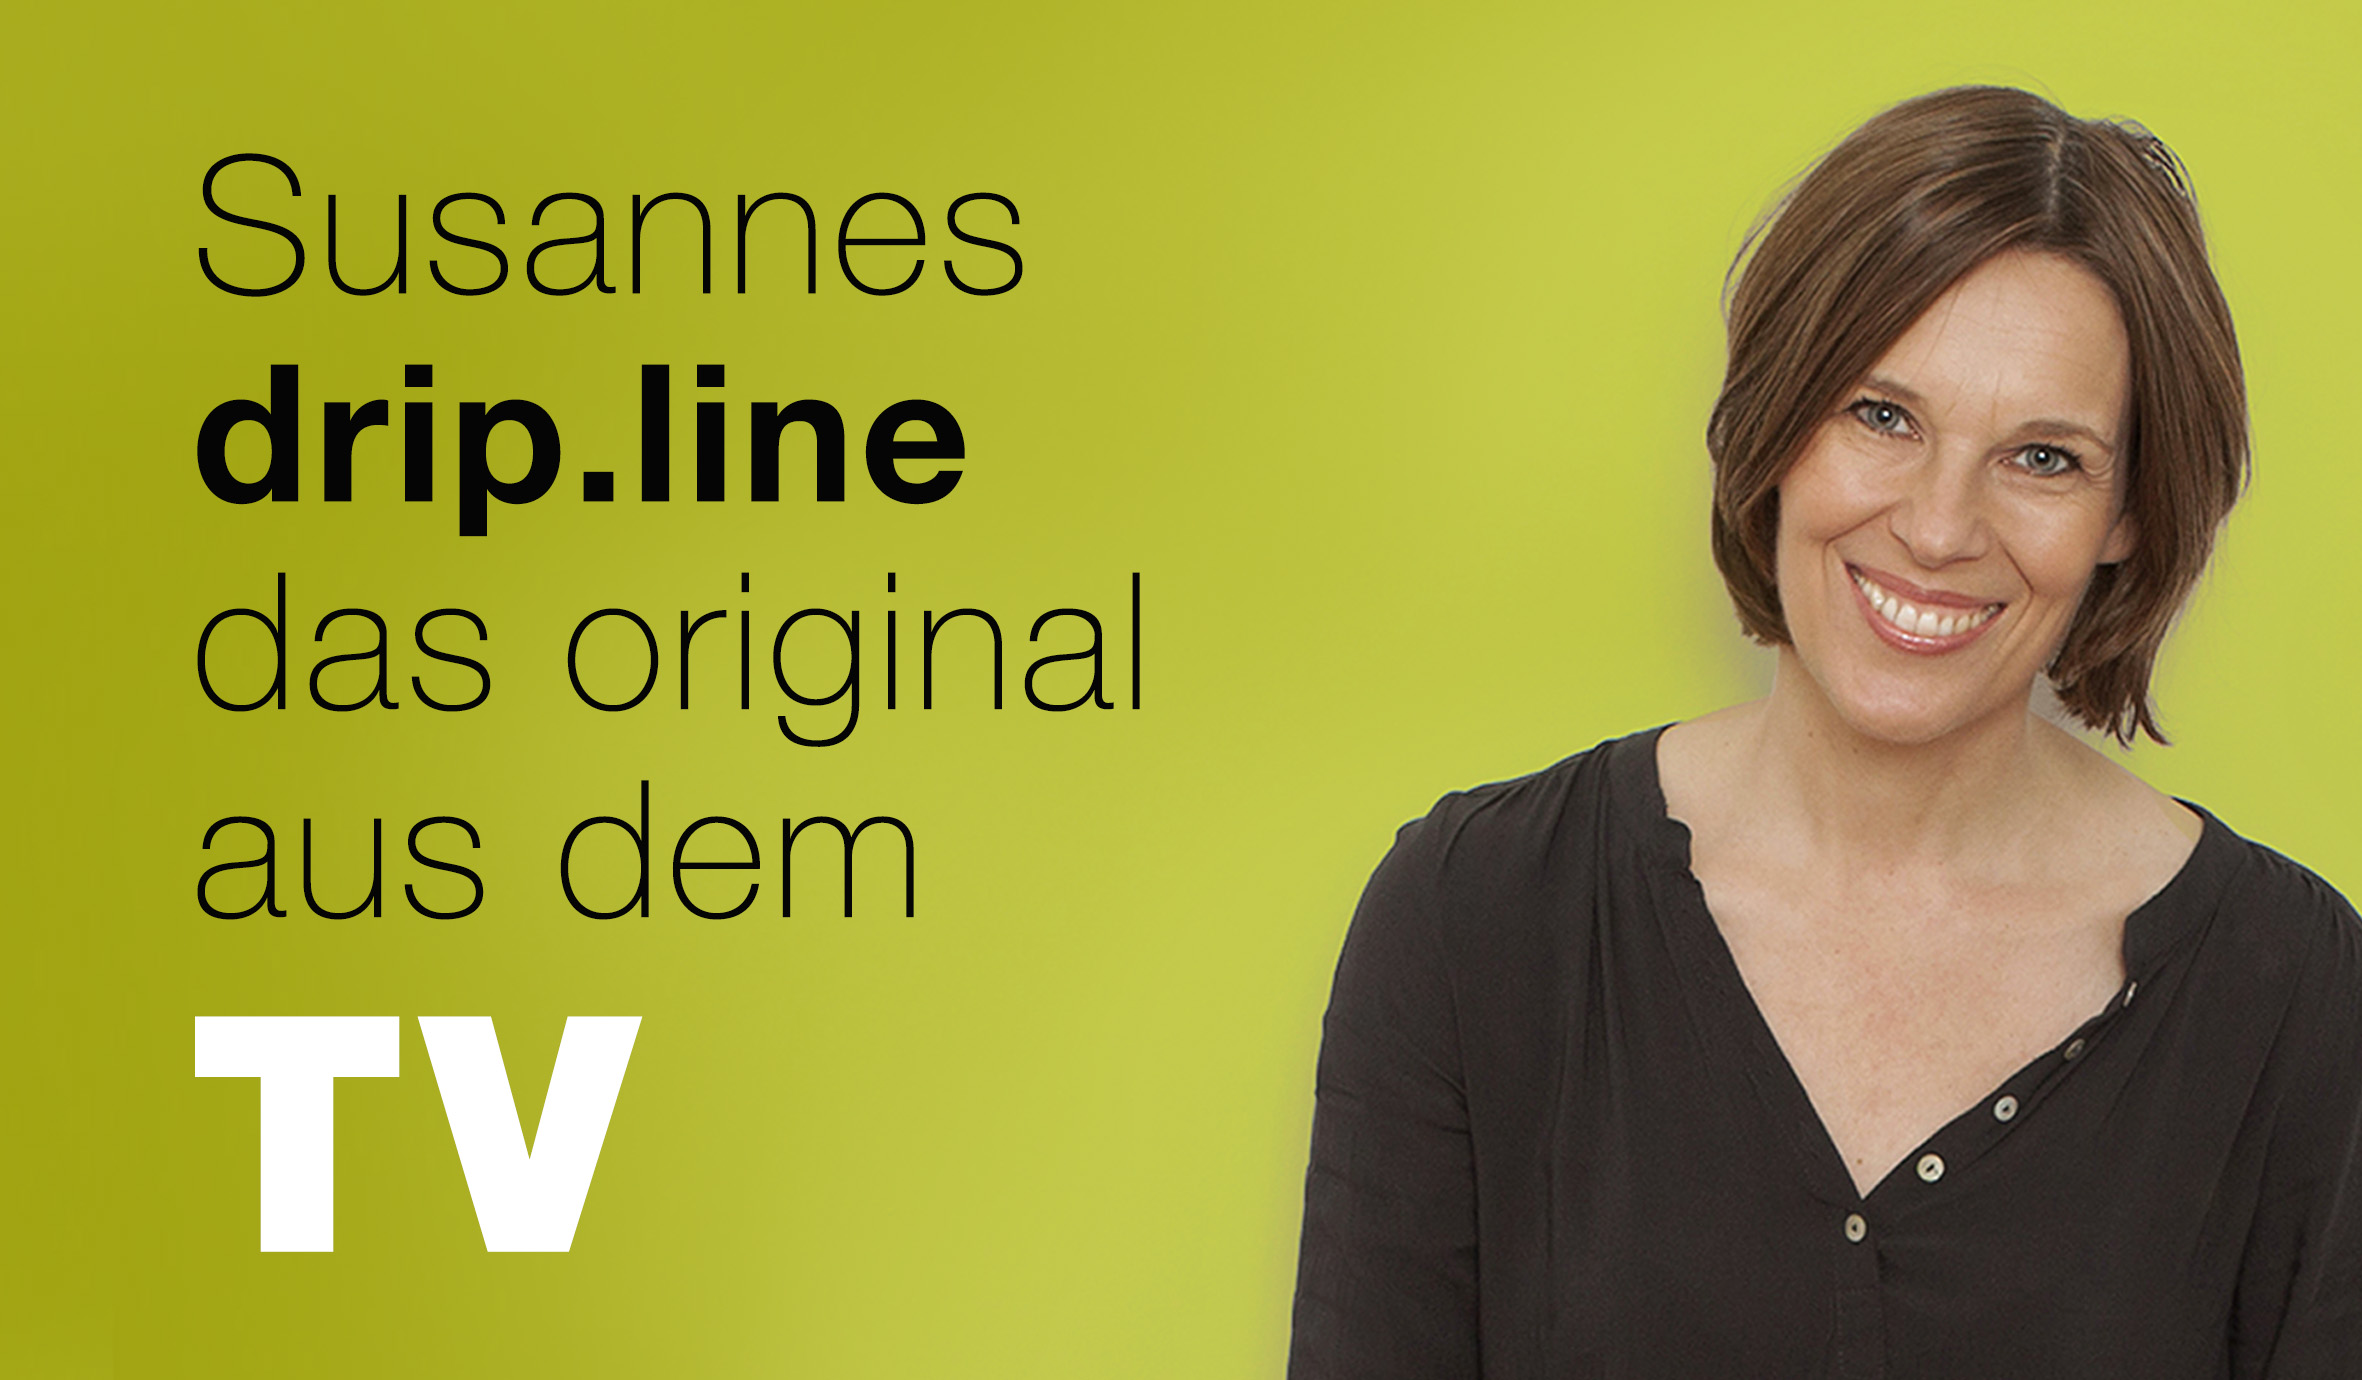 Susanne Richter und drip.line bekannt aus der Erfindershow